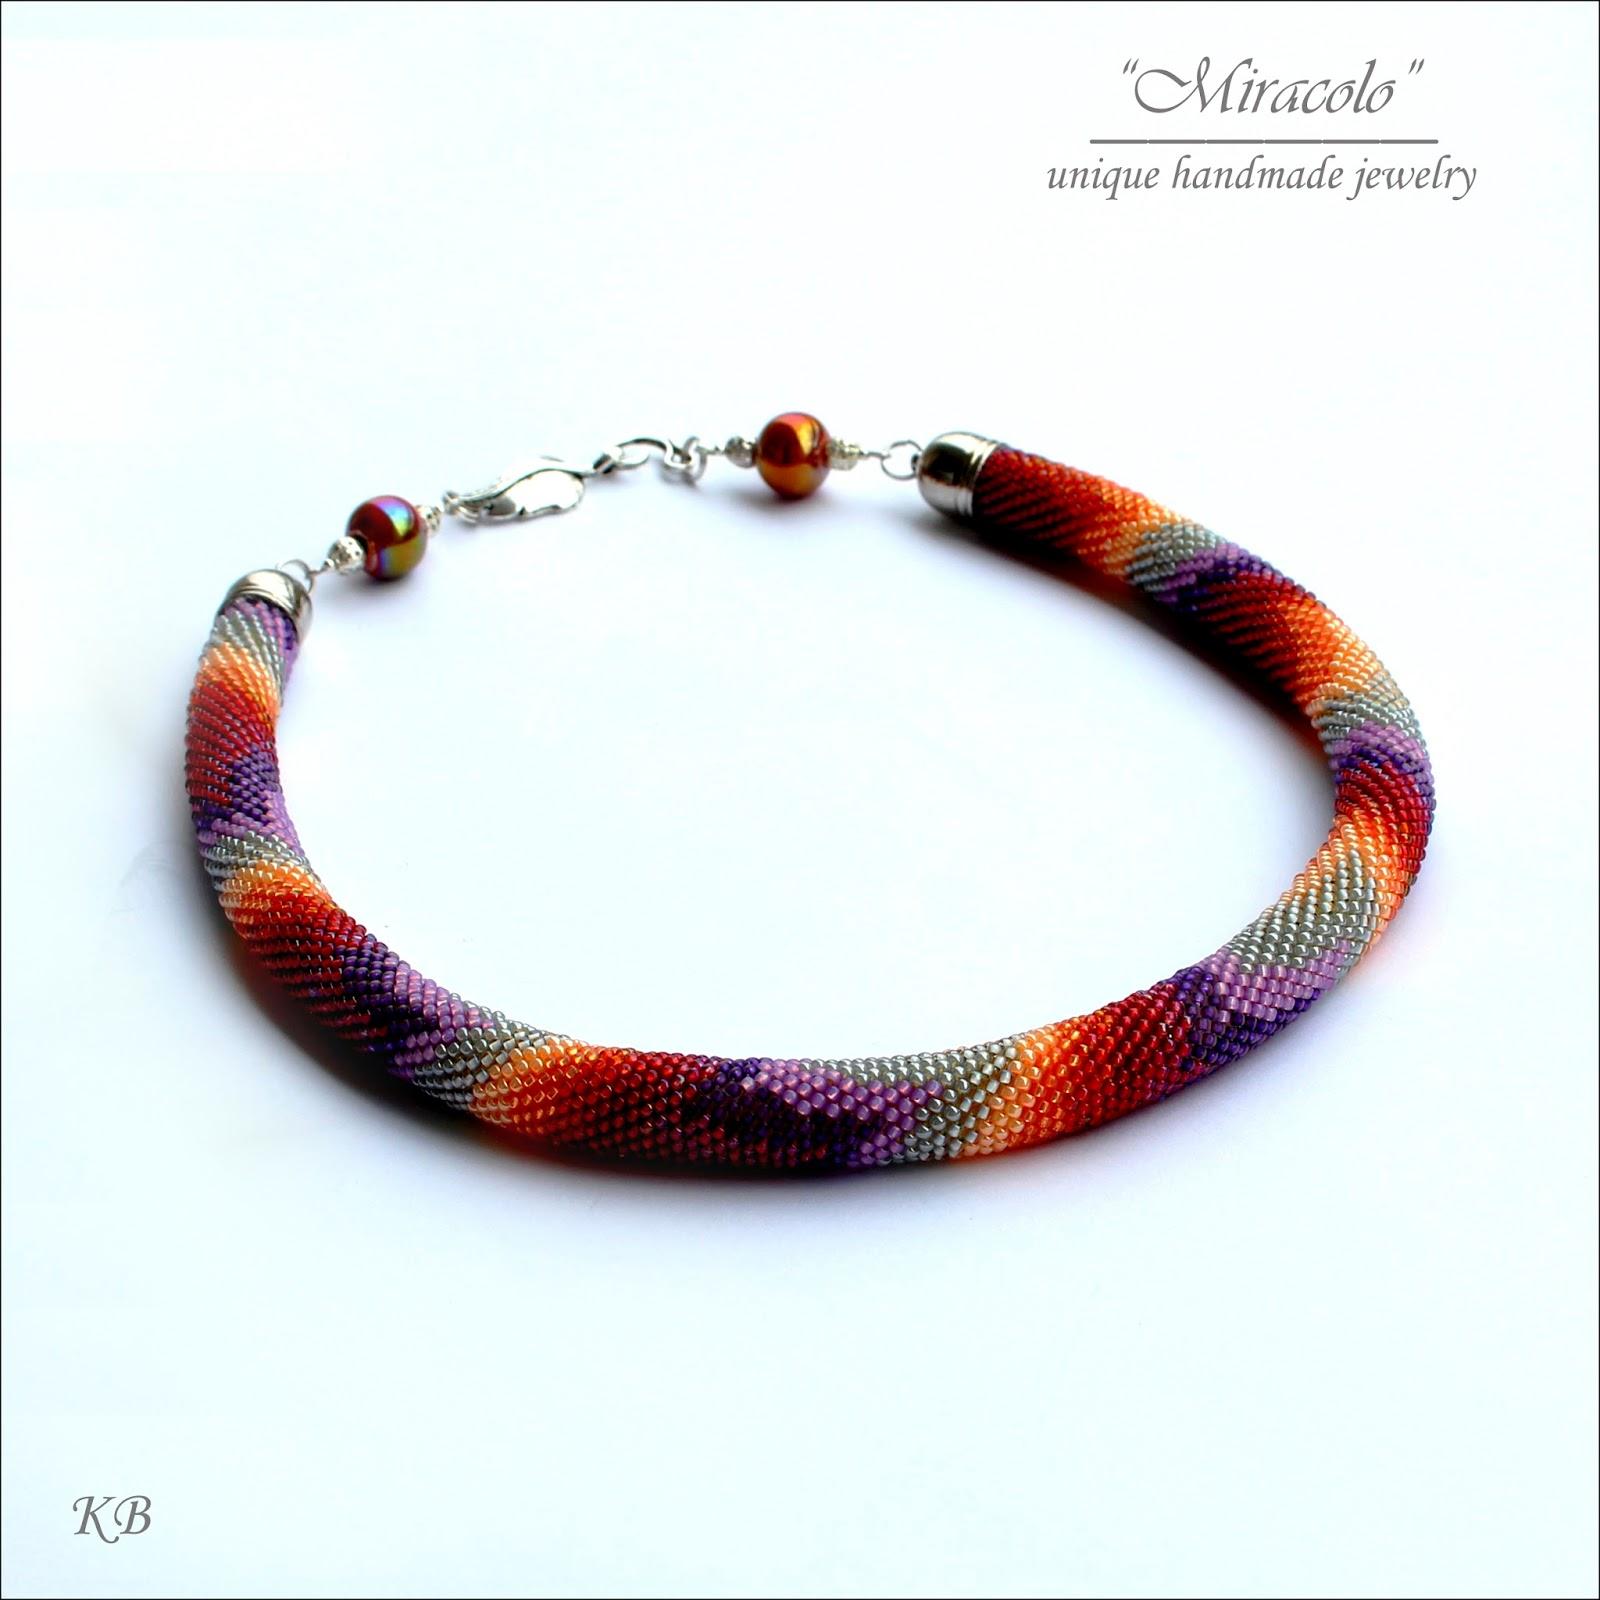 bargello, naszyjnik, sznur szydełkowo-koralikowy, necklace, bead crochet rope